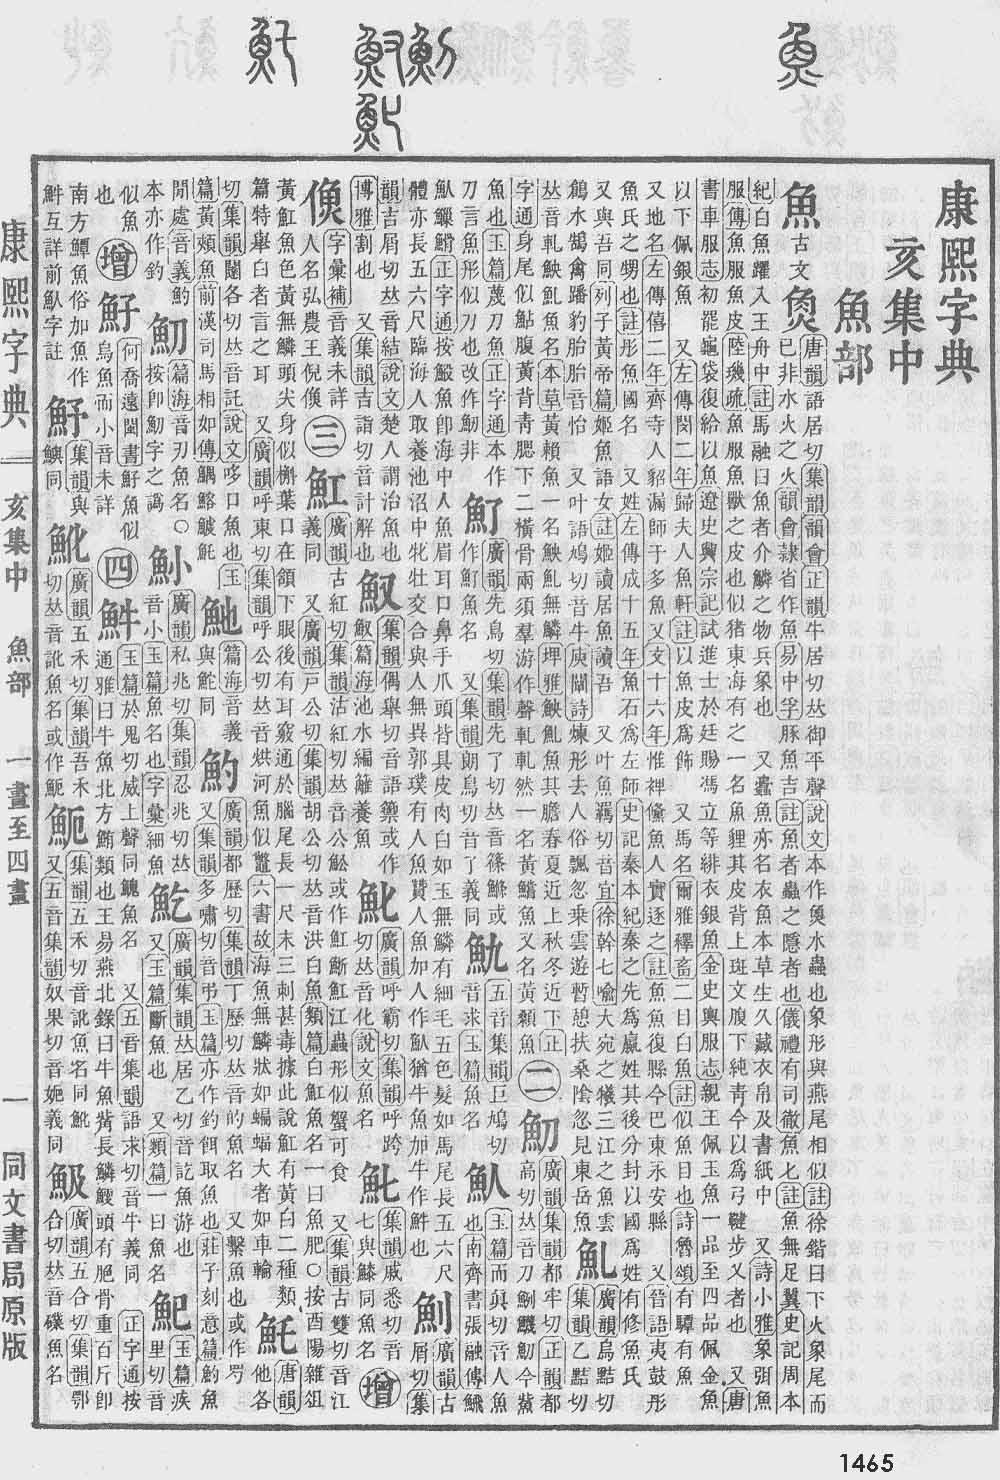 《康熙字典》第1465页